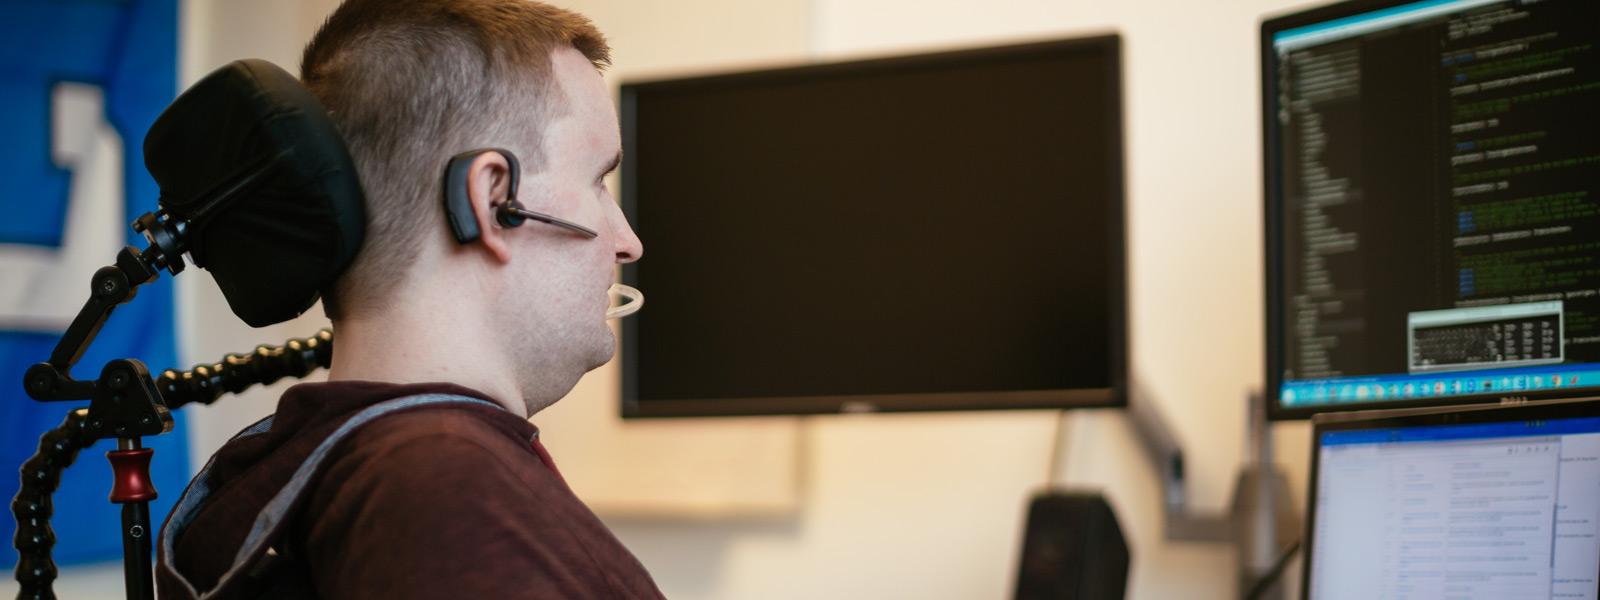 책상에서 보조 하드웨어 기술을 사용하여 아이 컨트롤러 Windows 10 컴퓨터를 운용하는 남성